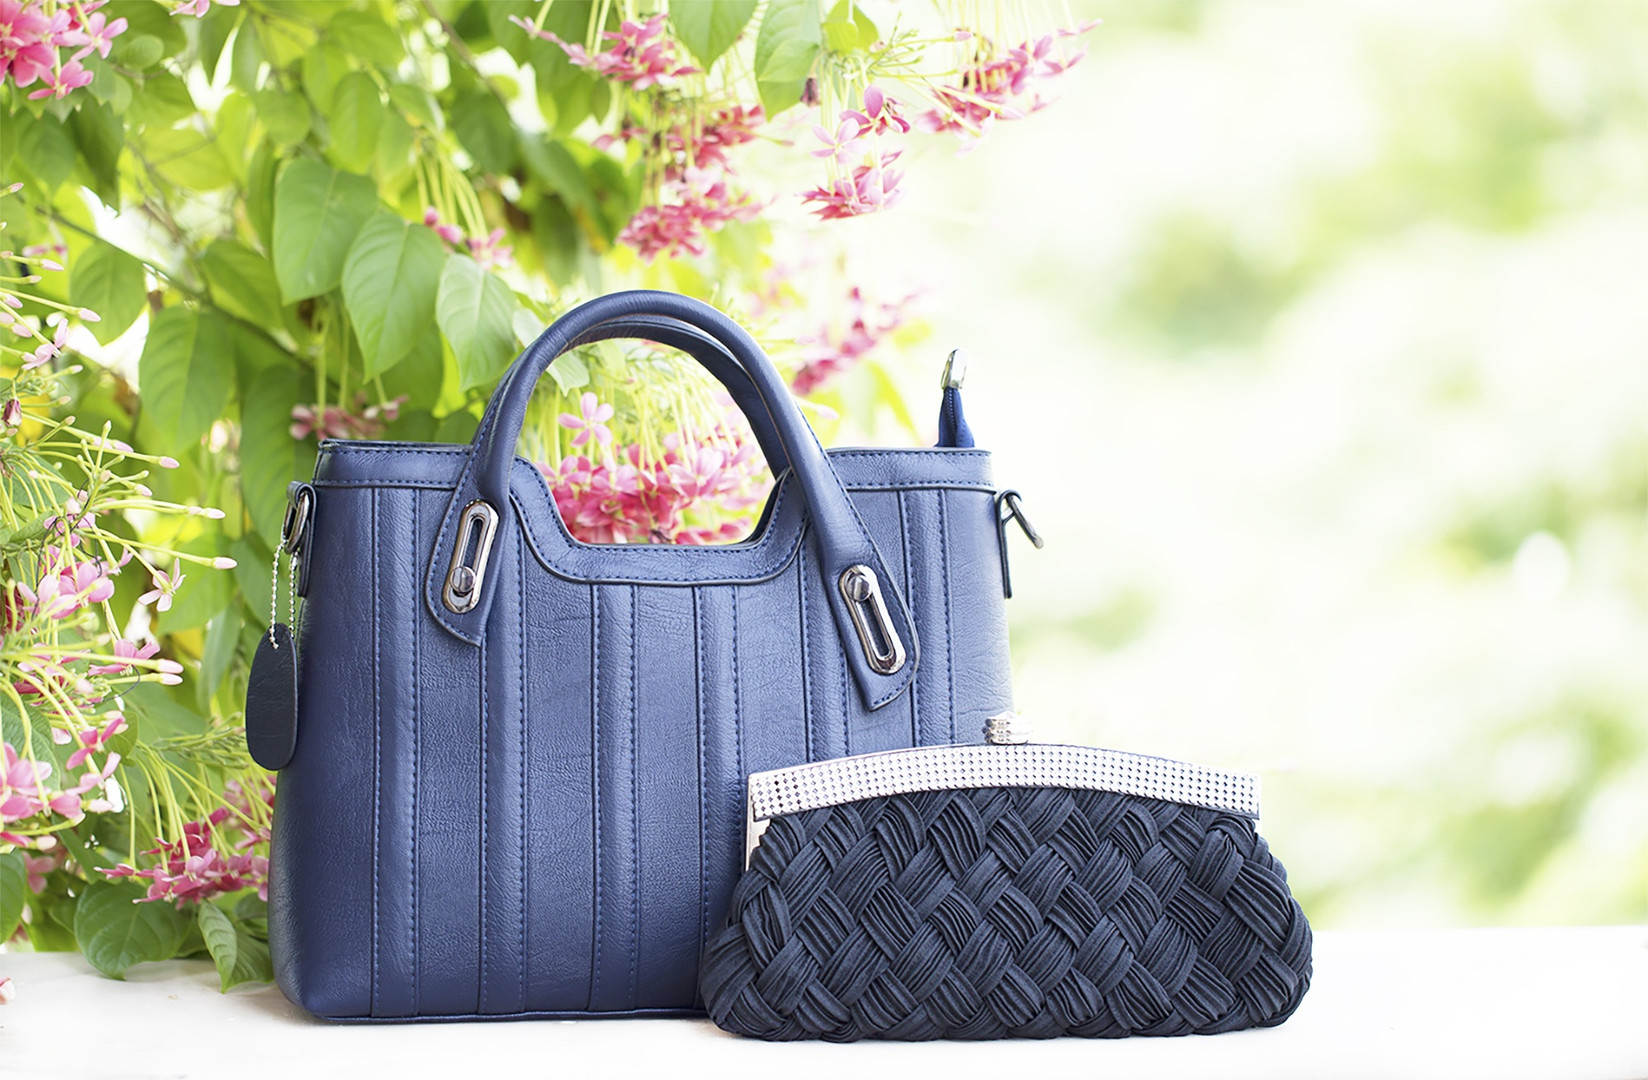 online-shopping-2650383.jpg